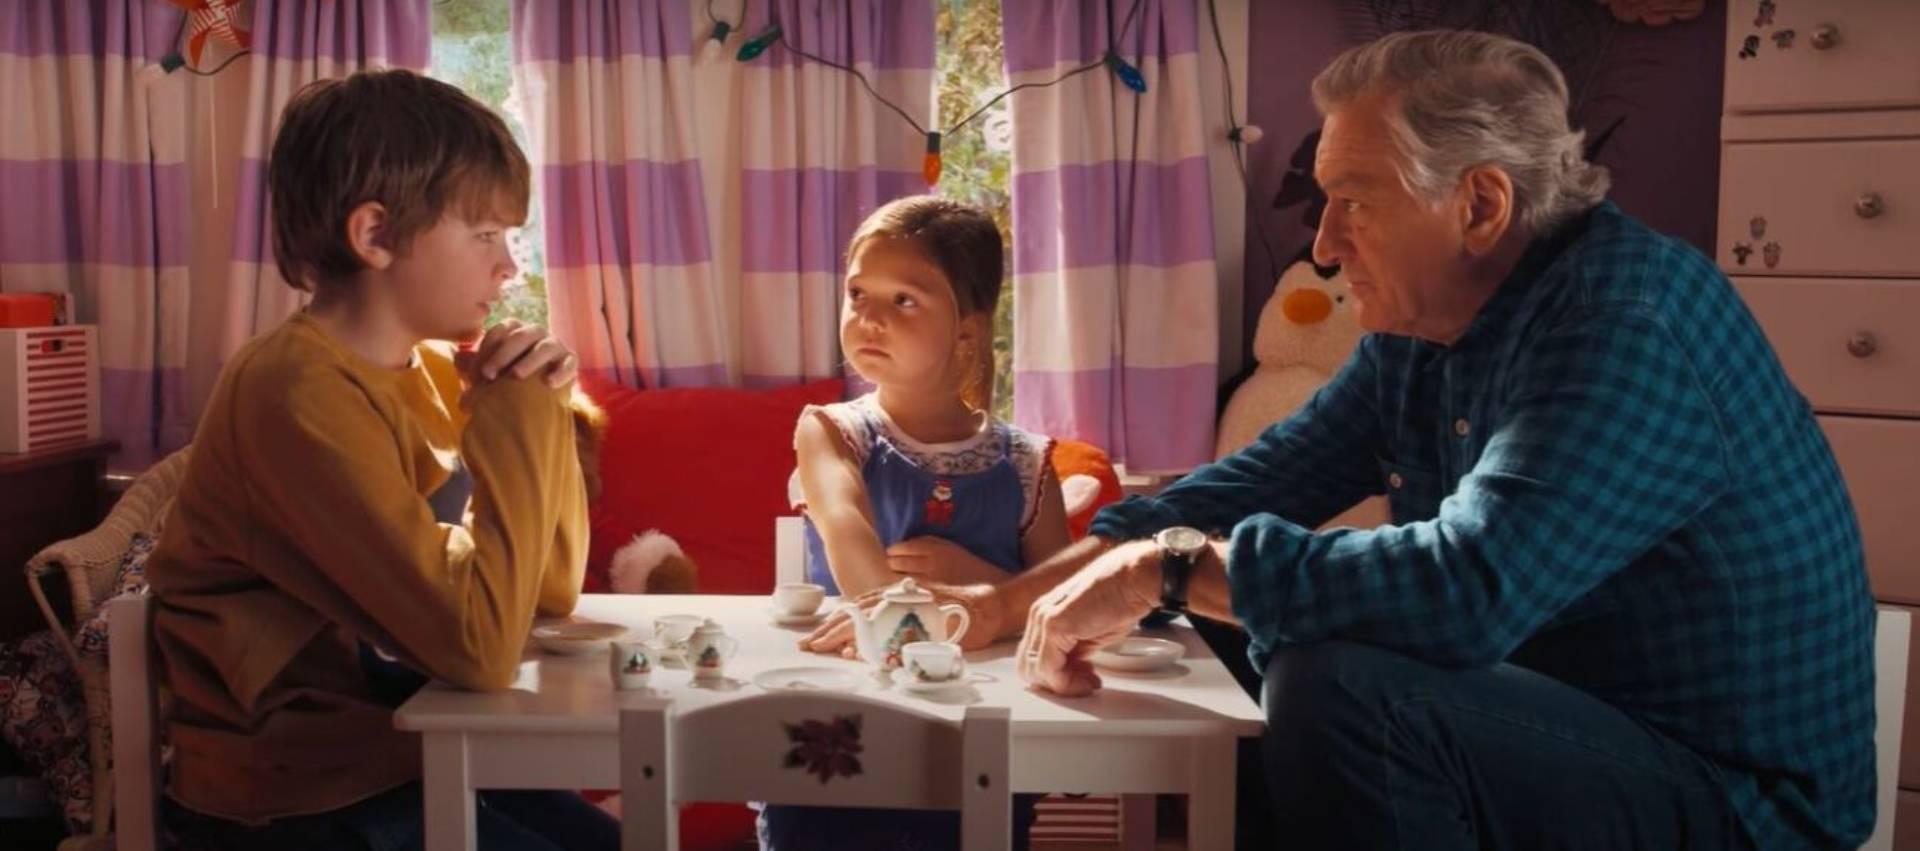 Diamond Films lança trailer de 'Em Guerra com o Vovô' | Coxinha Nerd